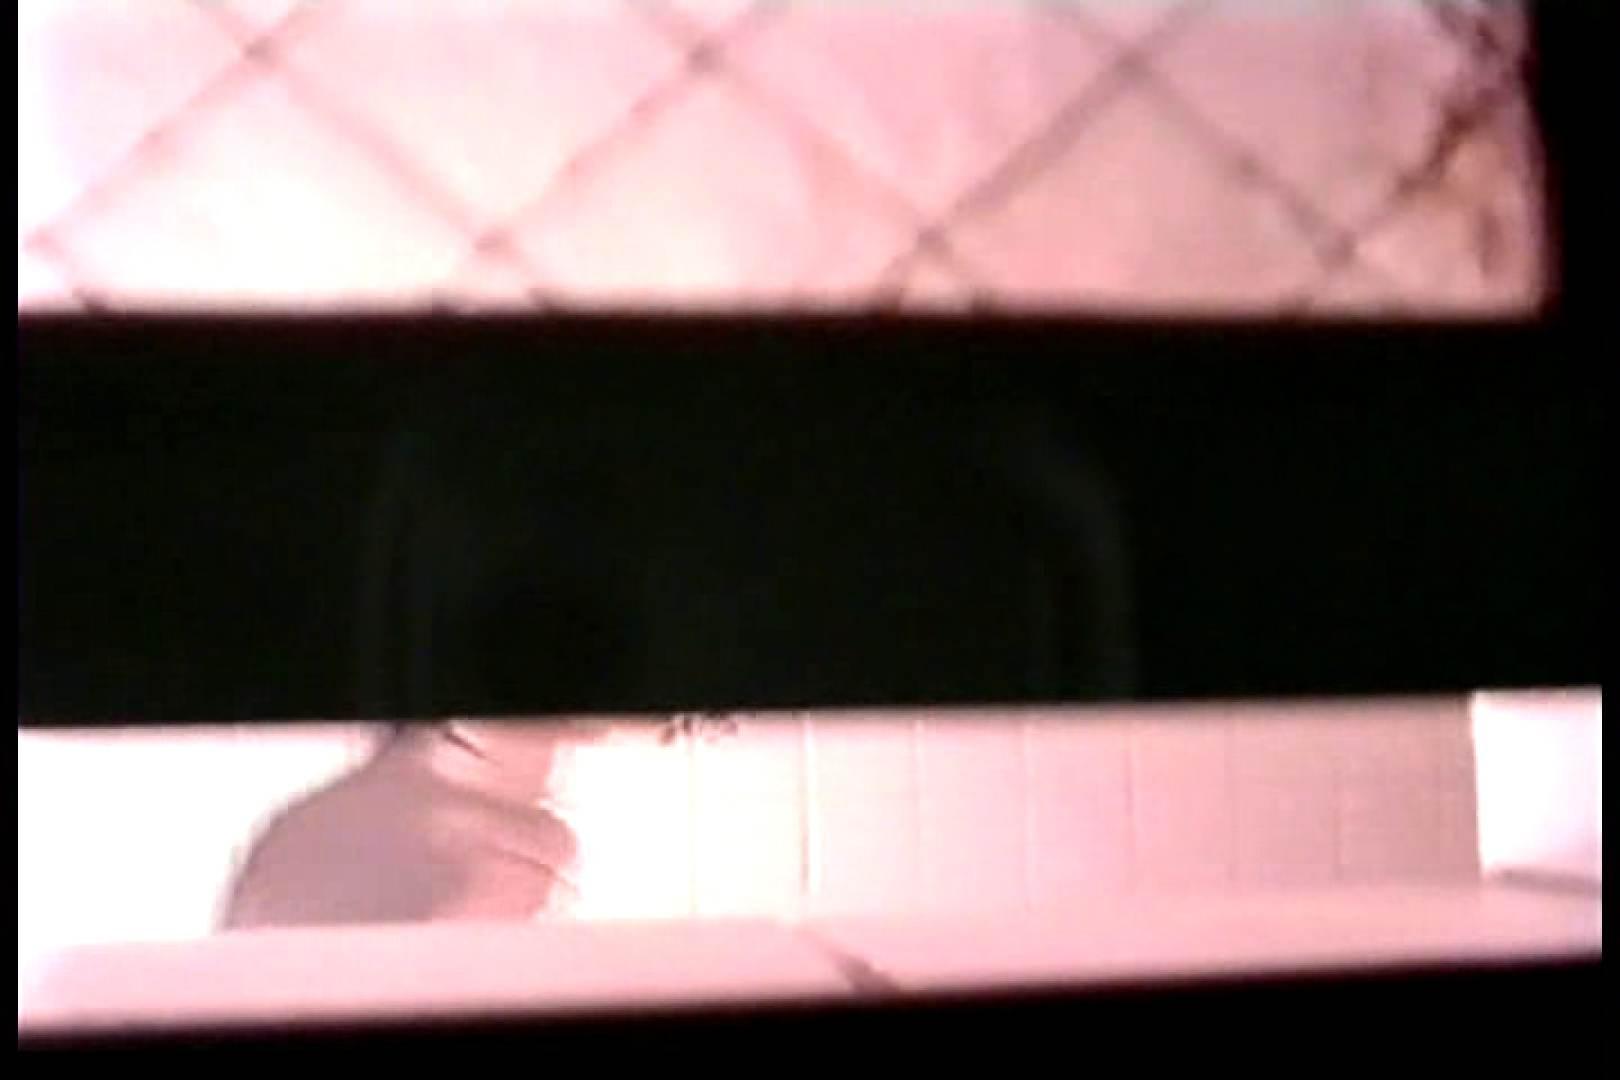 バレまくり!! 絶叫民家女風呂盗撮Vol.1 OLの実態 覗きワレメ動画紹介 41pic 27